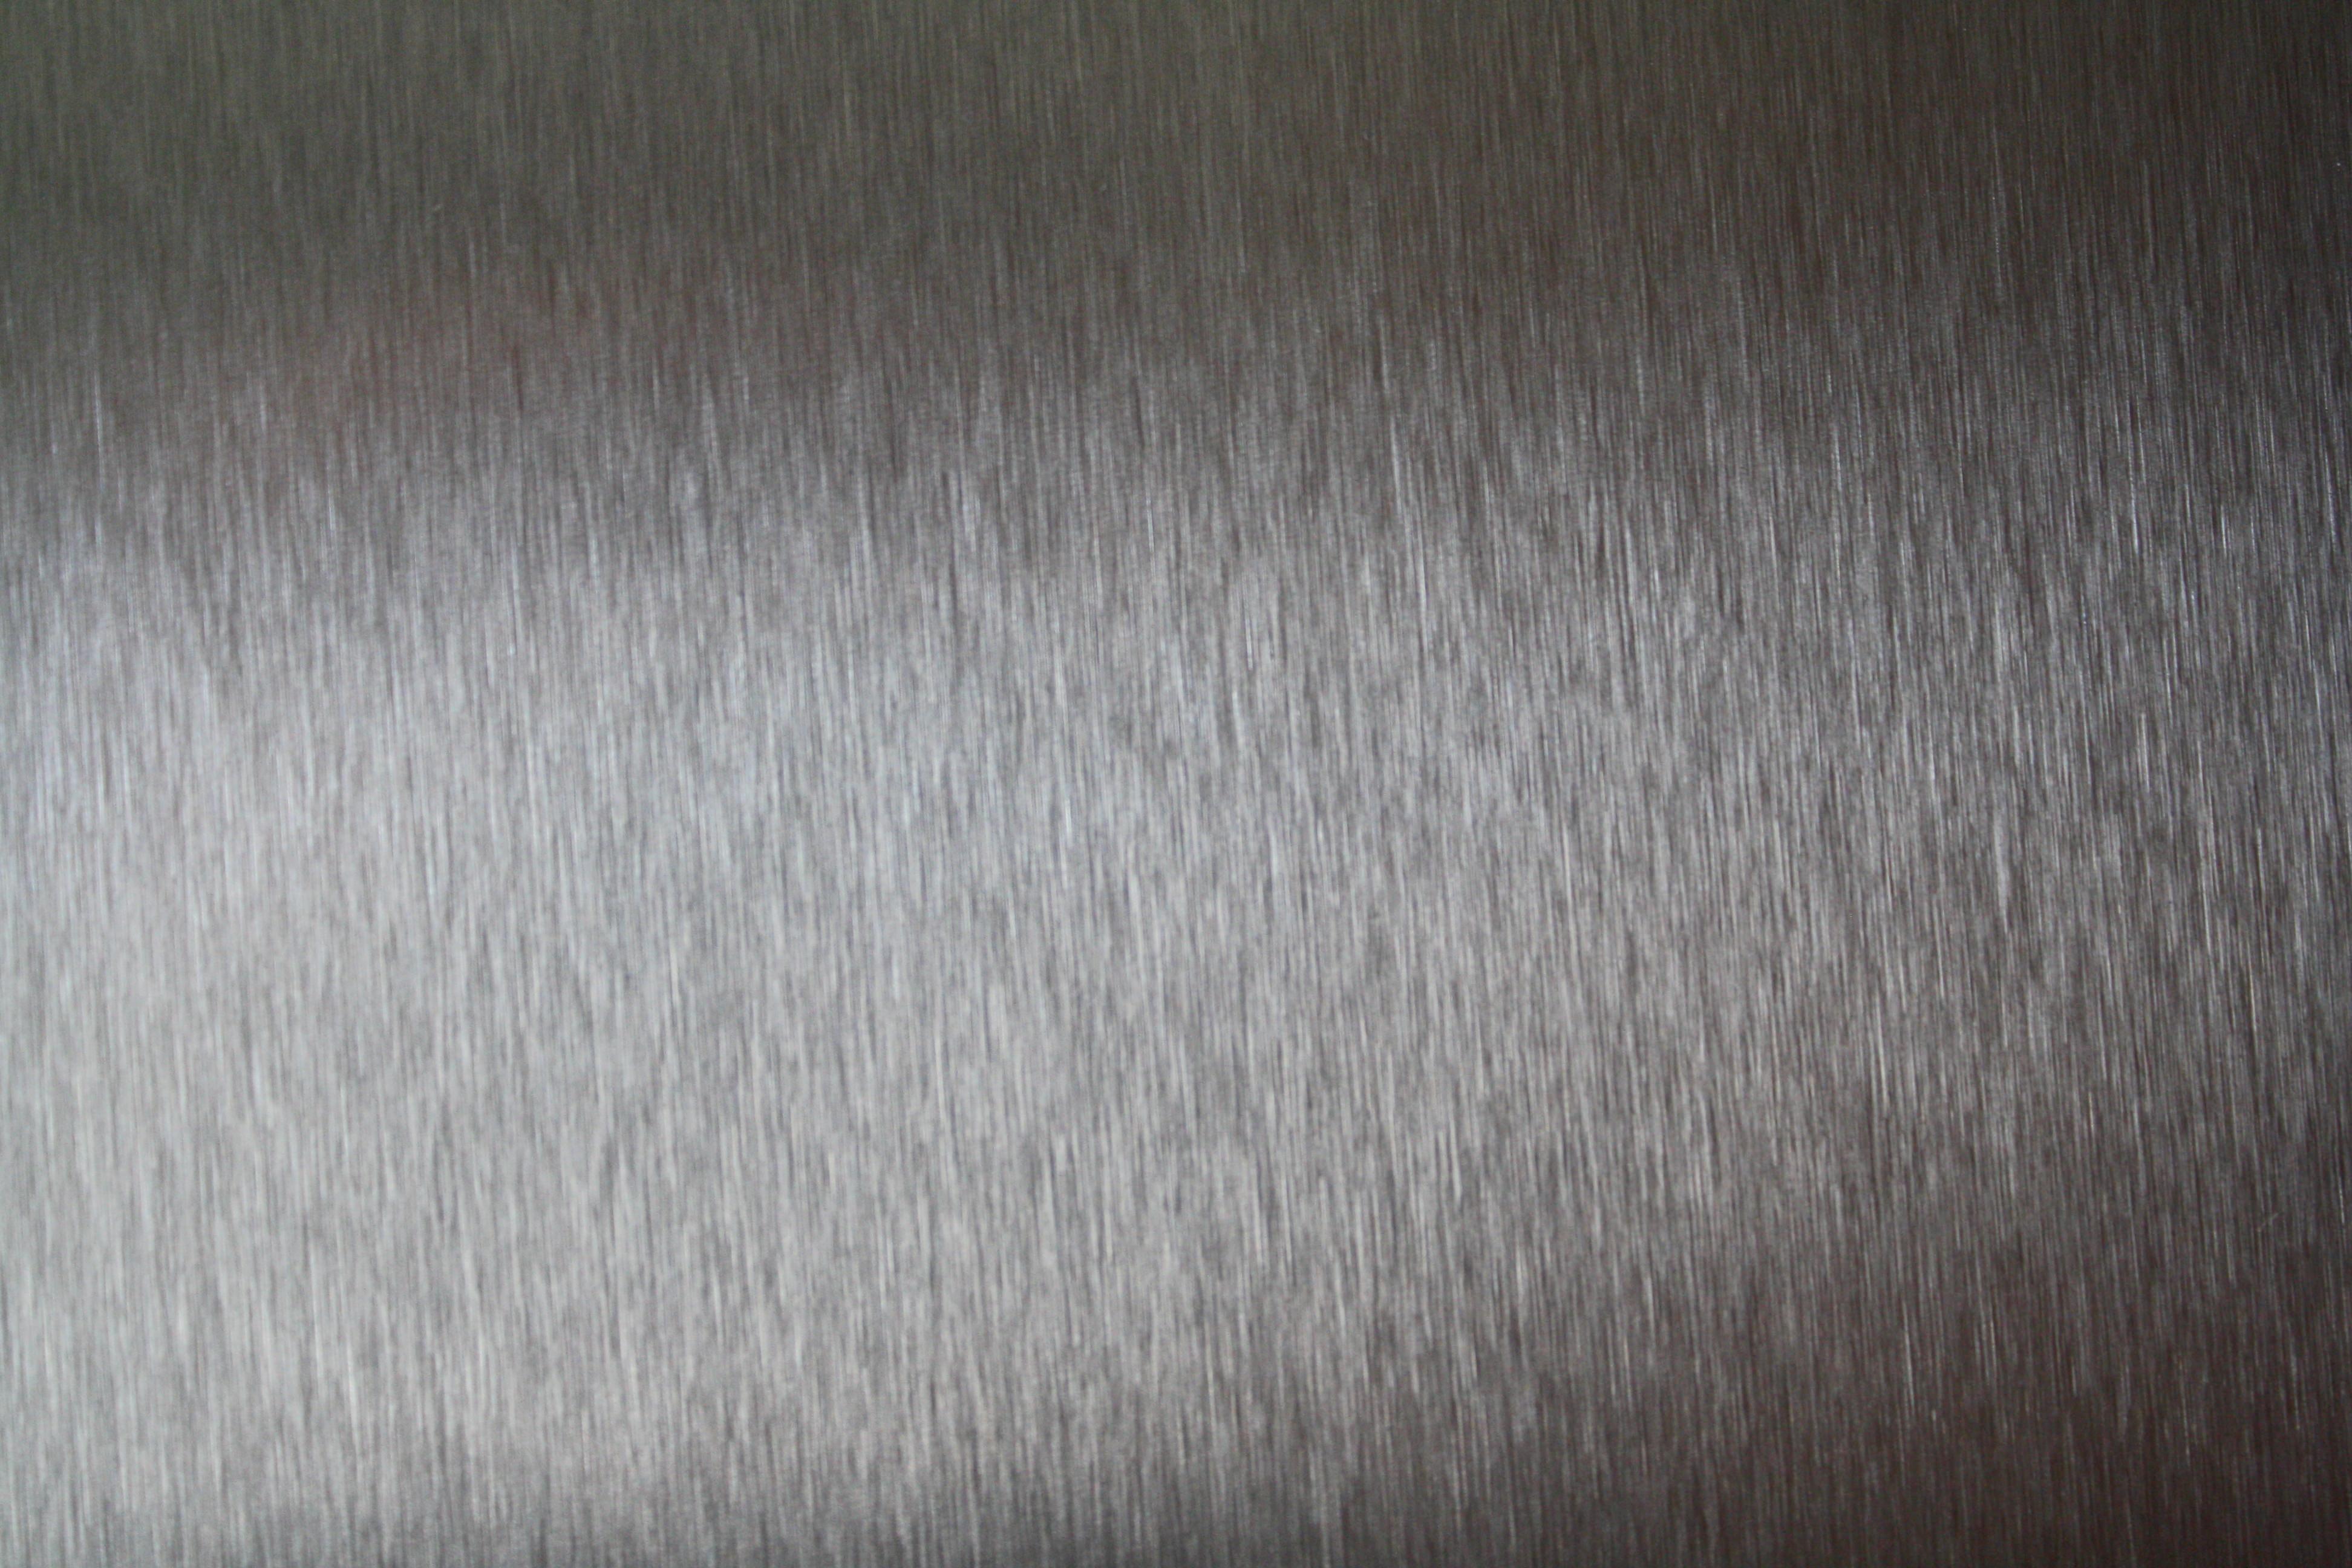 Stainless Steel Tube  Stainless Steel  metals4U